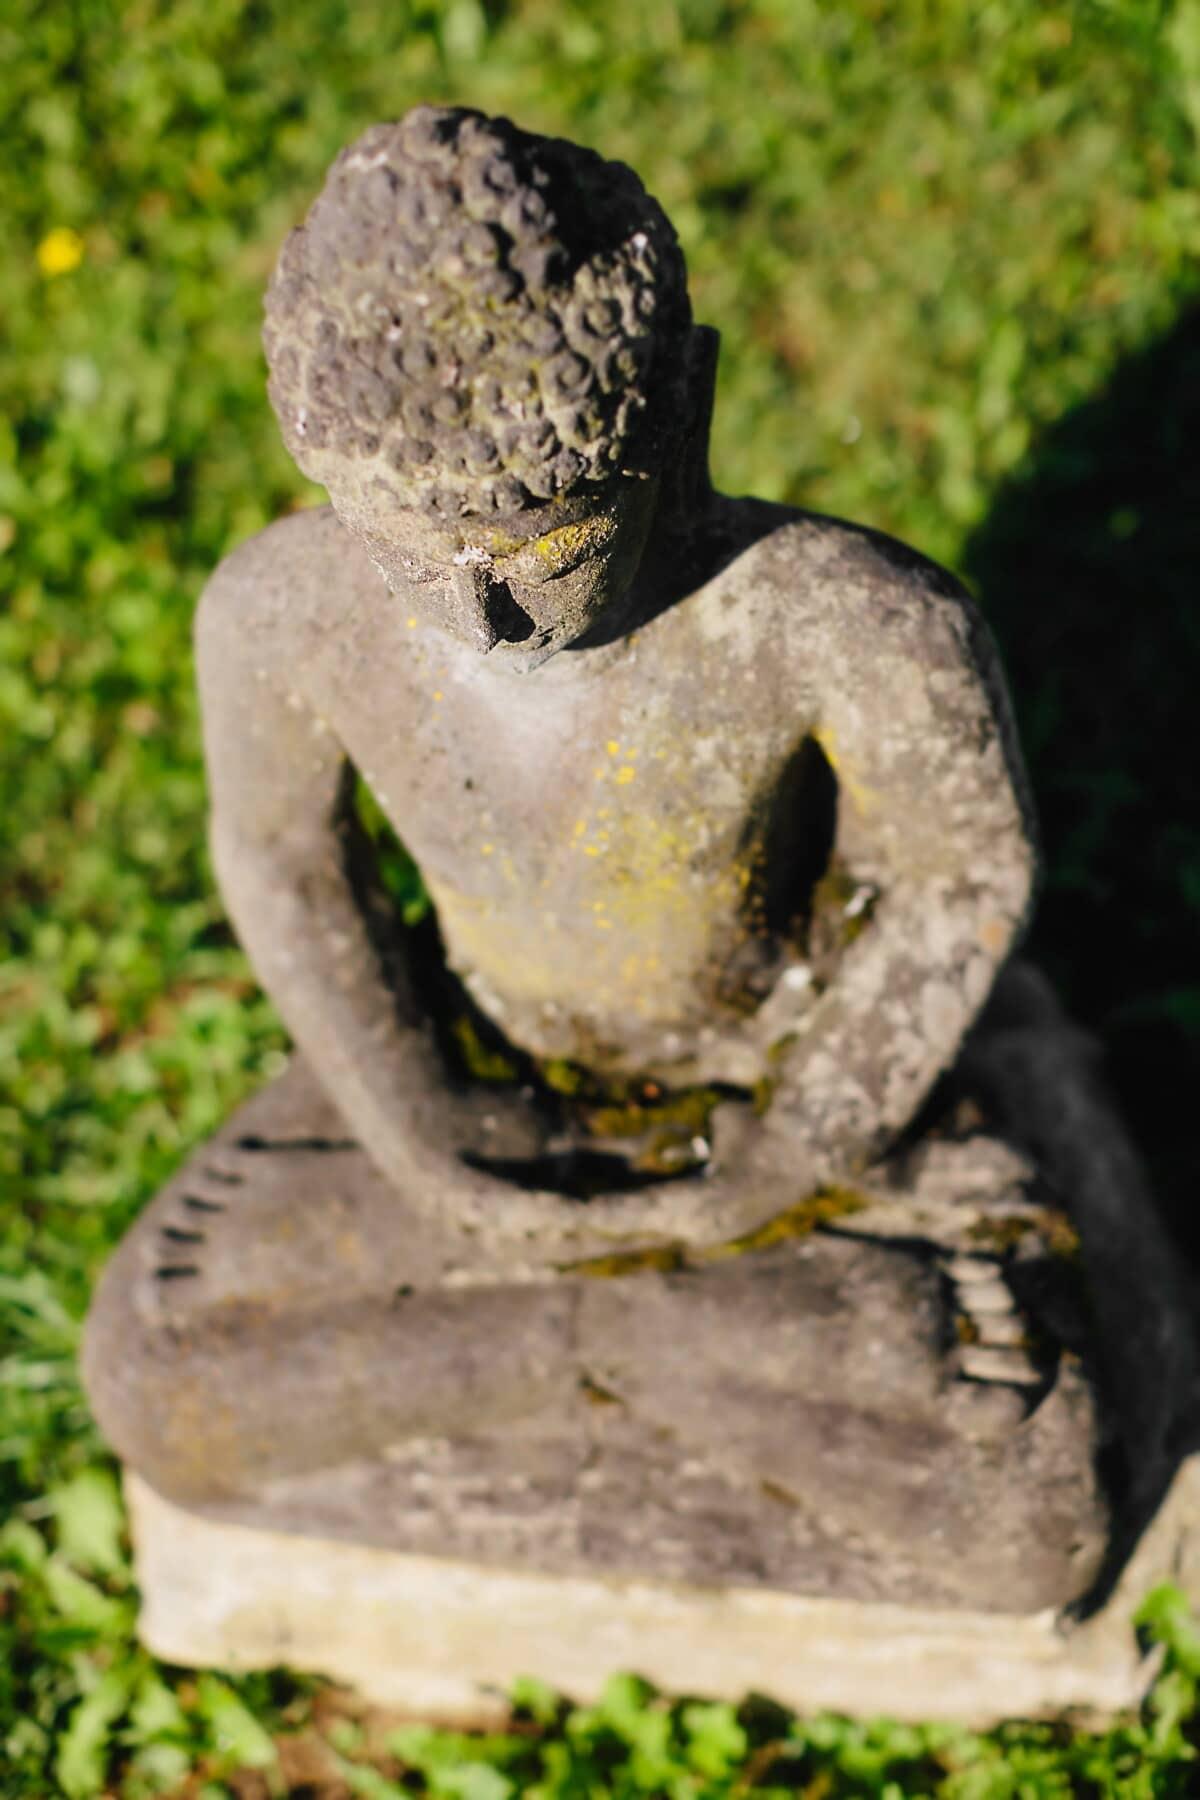 Buddhismus, Skulptur, Granit, Buddha, Meditation, Natur, Stein, Friedhof, im freien, Zen